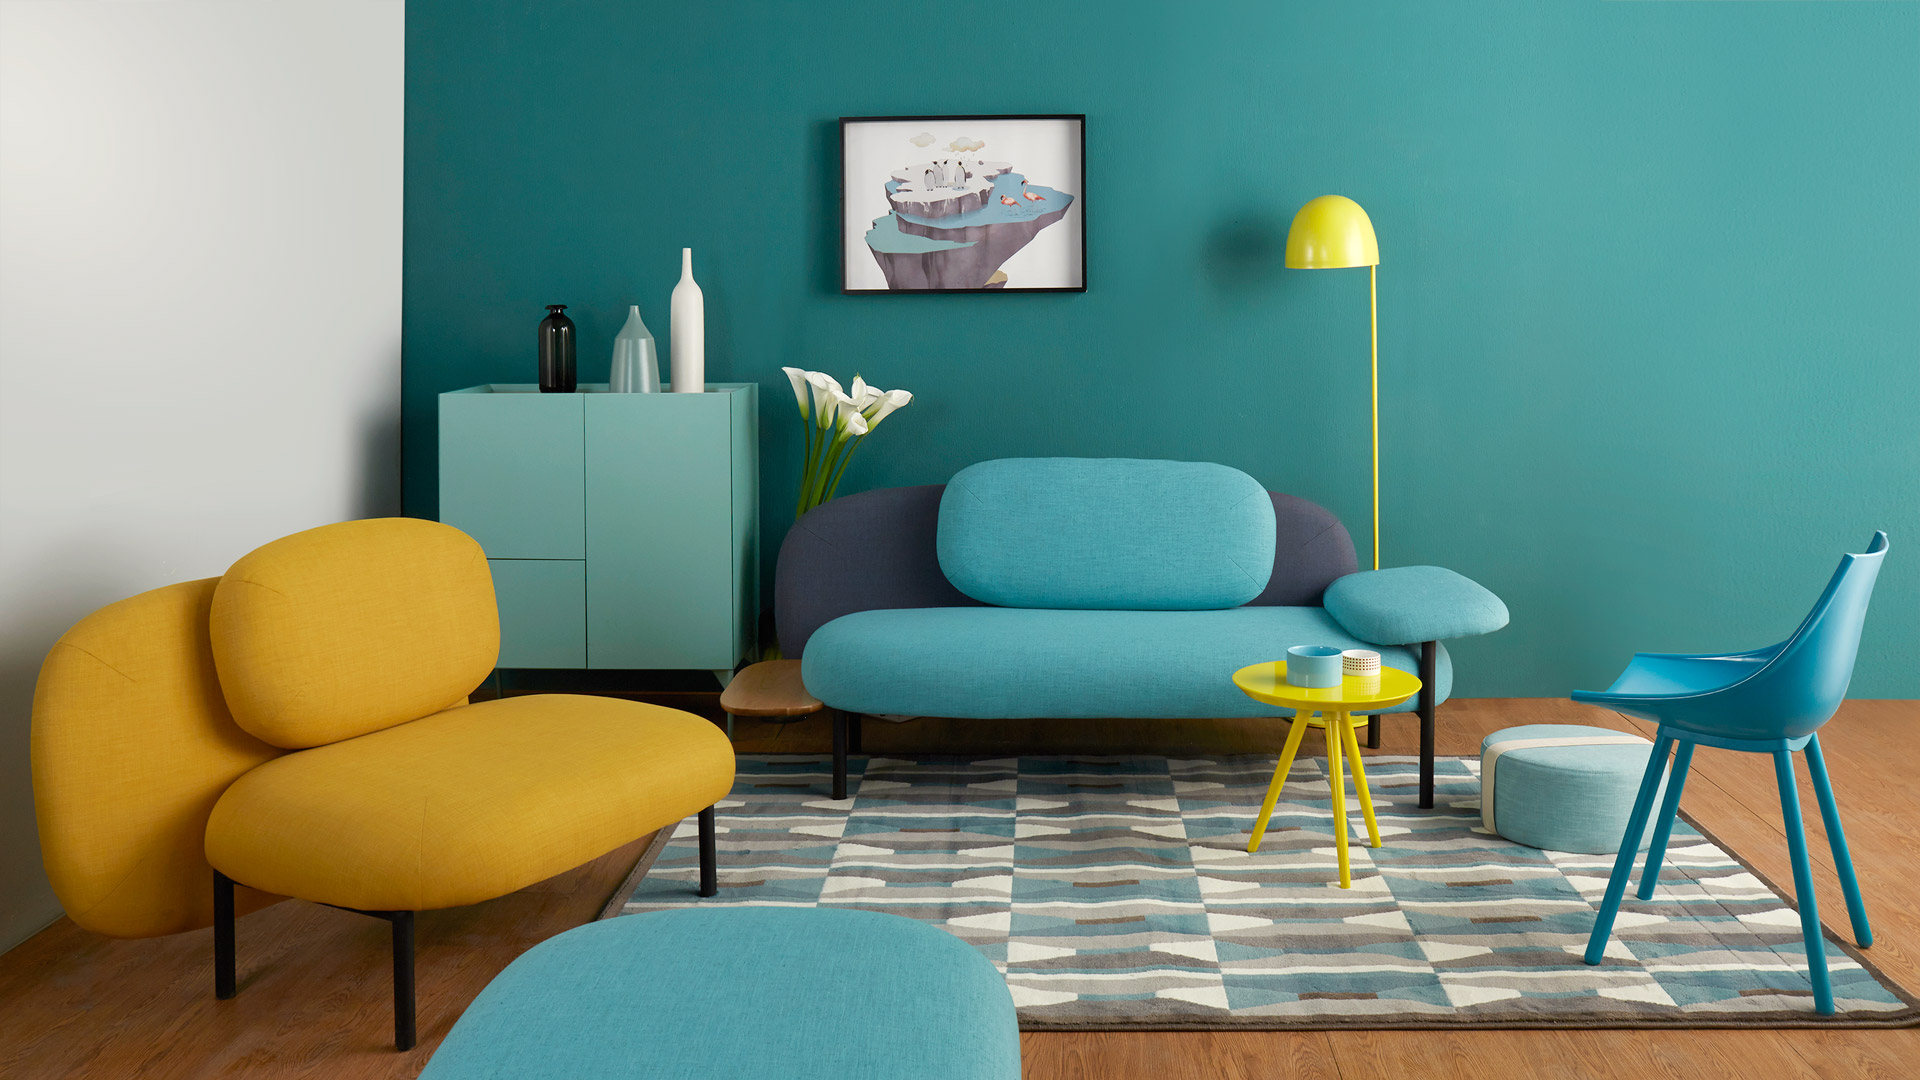 开放式围合客厅的超大起居空间,瓦格中高柜自由衬托于沙发围合区的任意背景角,与高颜值软糖沙发相应成趣。